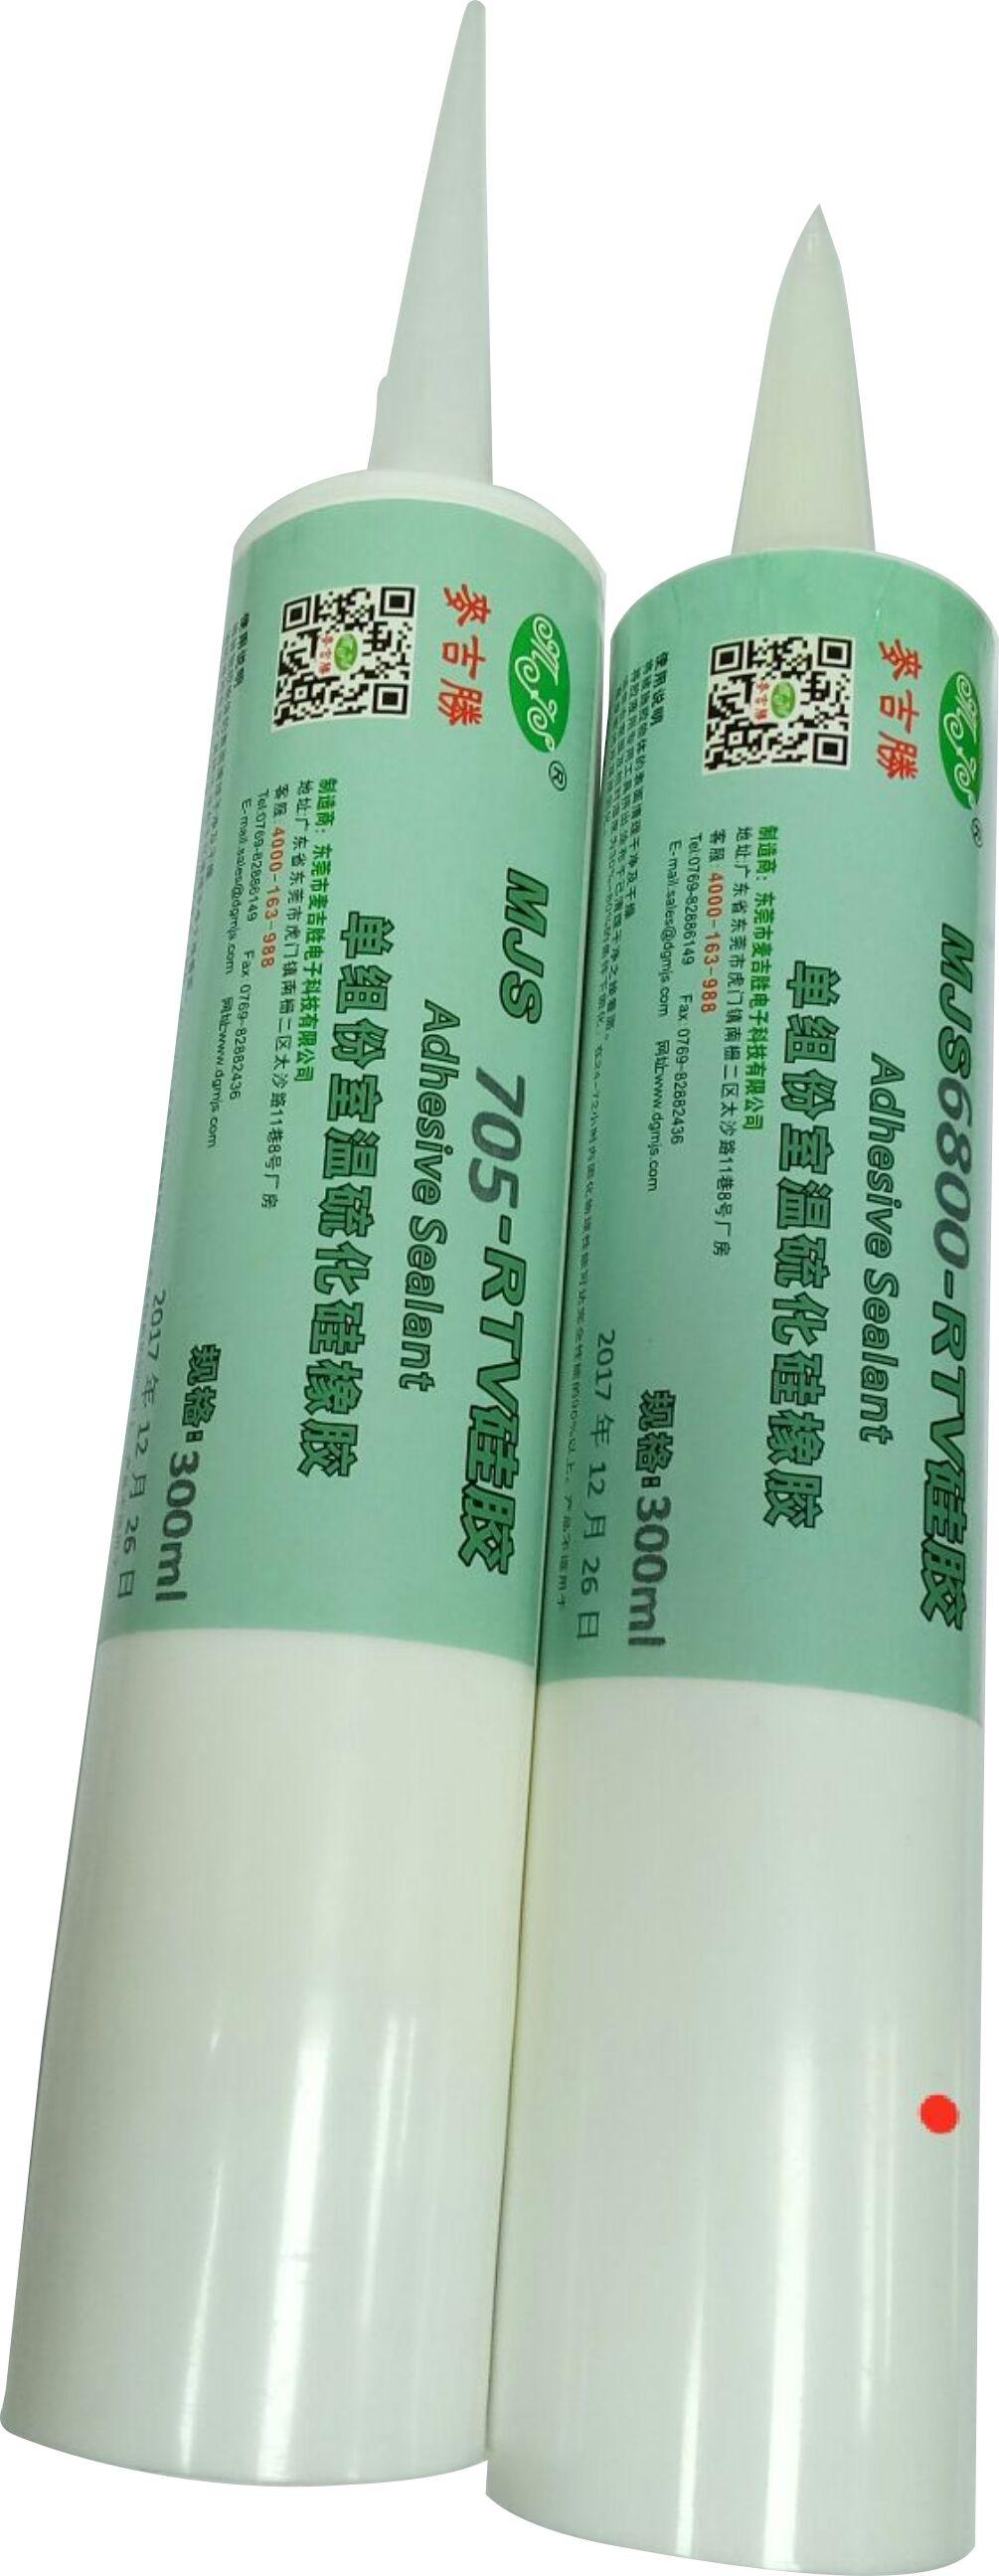 MJS705-RTV硅胶